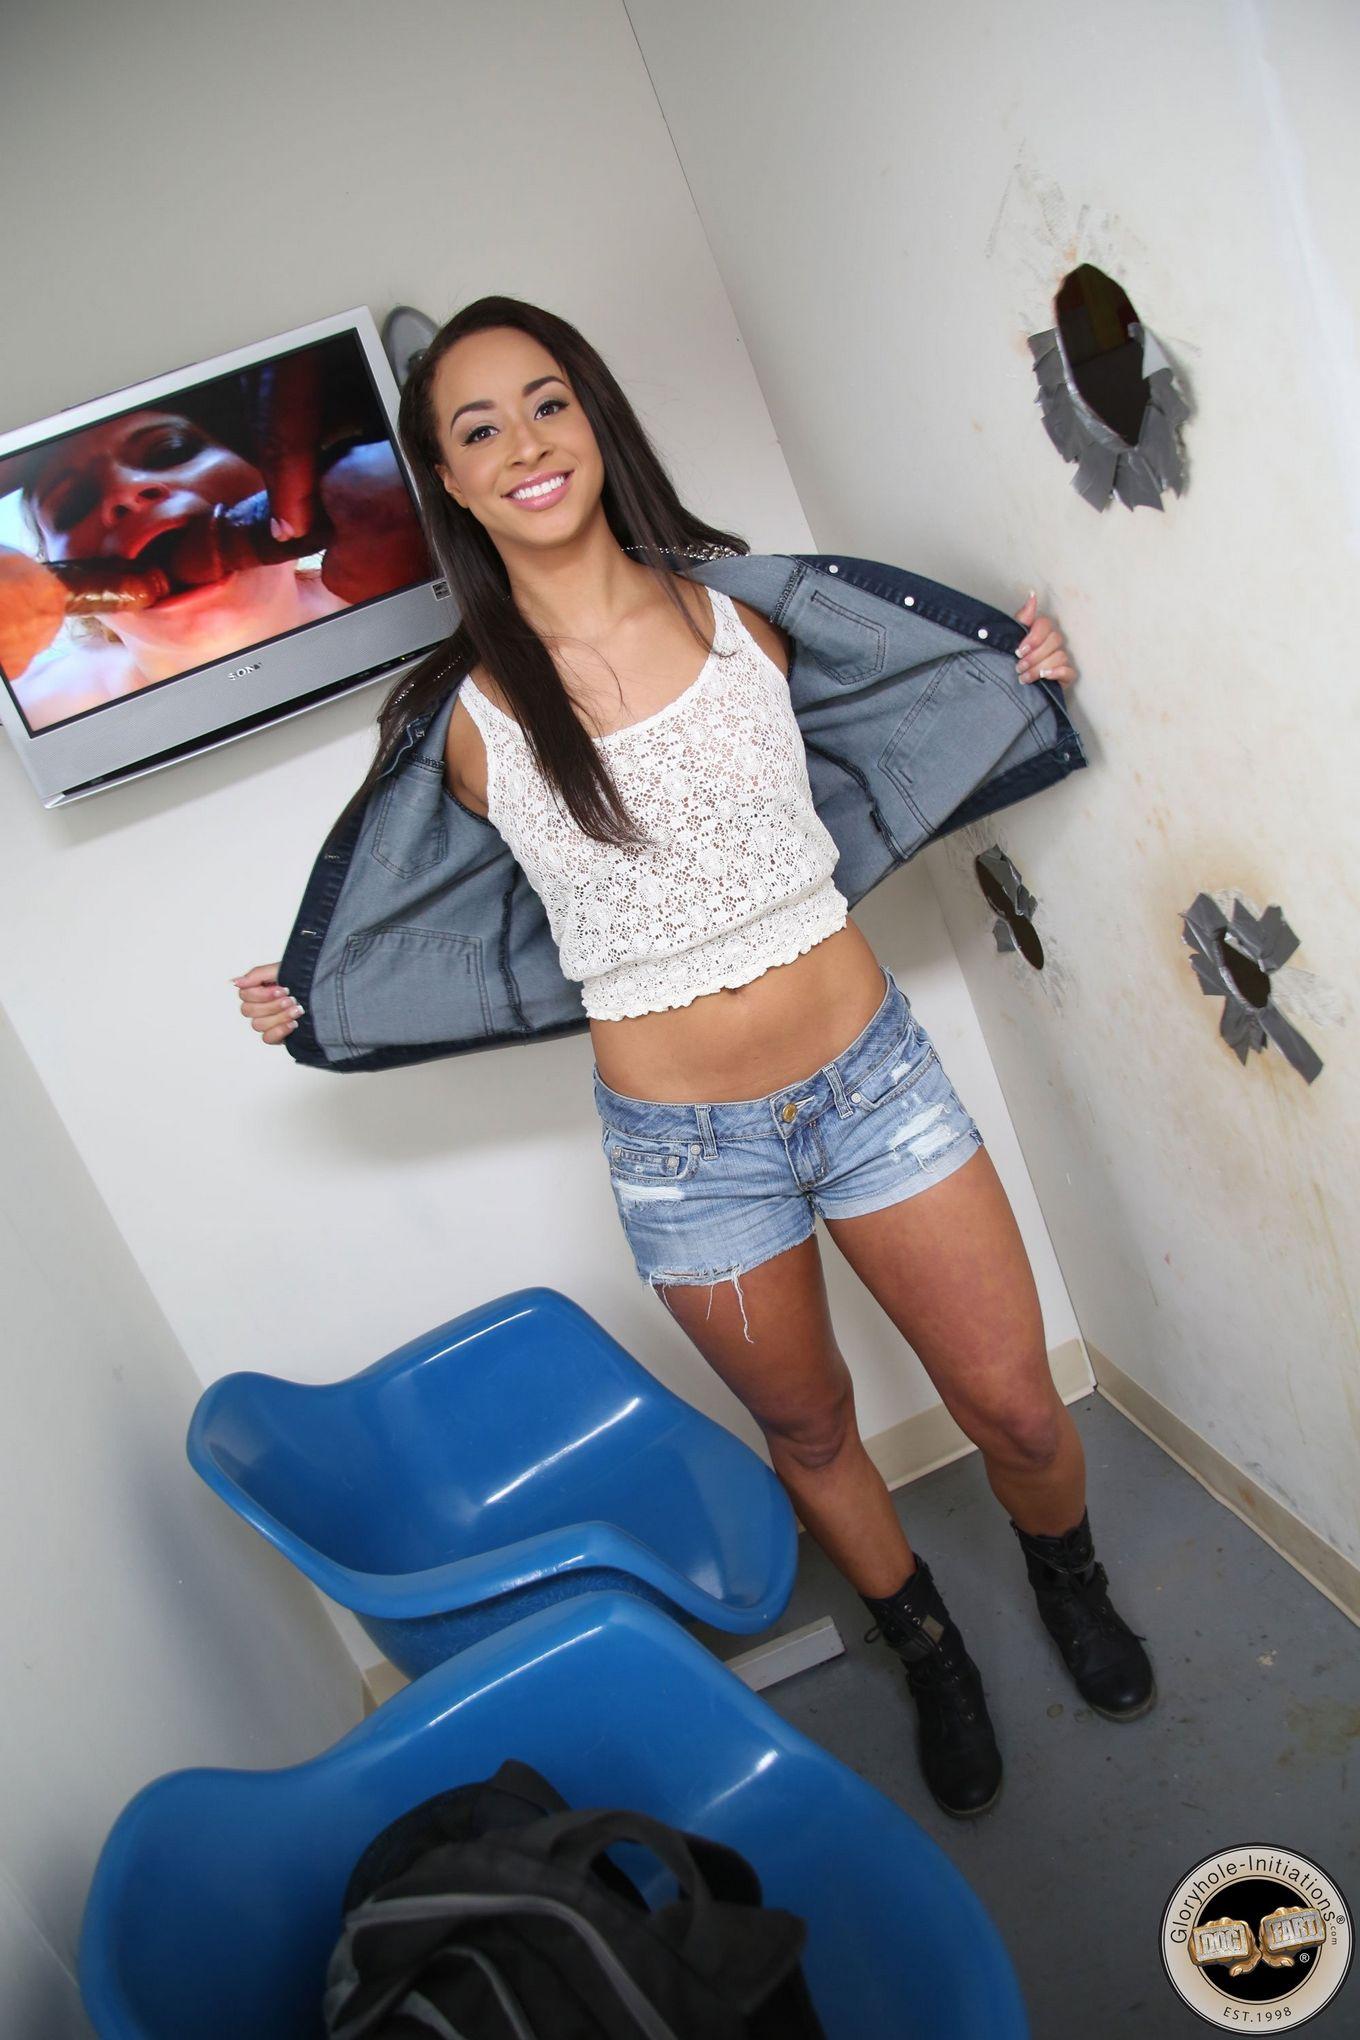 Симпатичная девица, в туалете ебется с фаллосом торчащим из дыры в стене